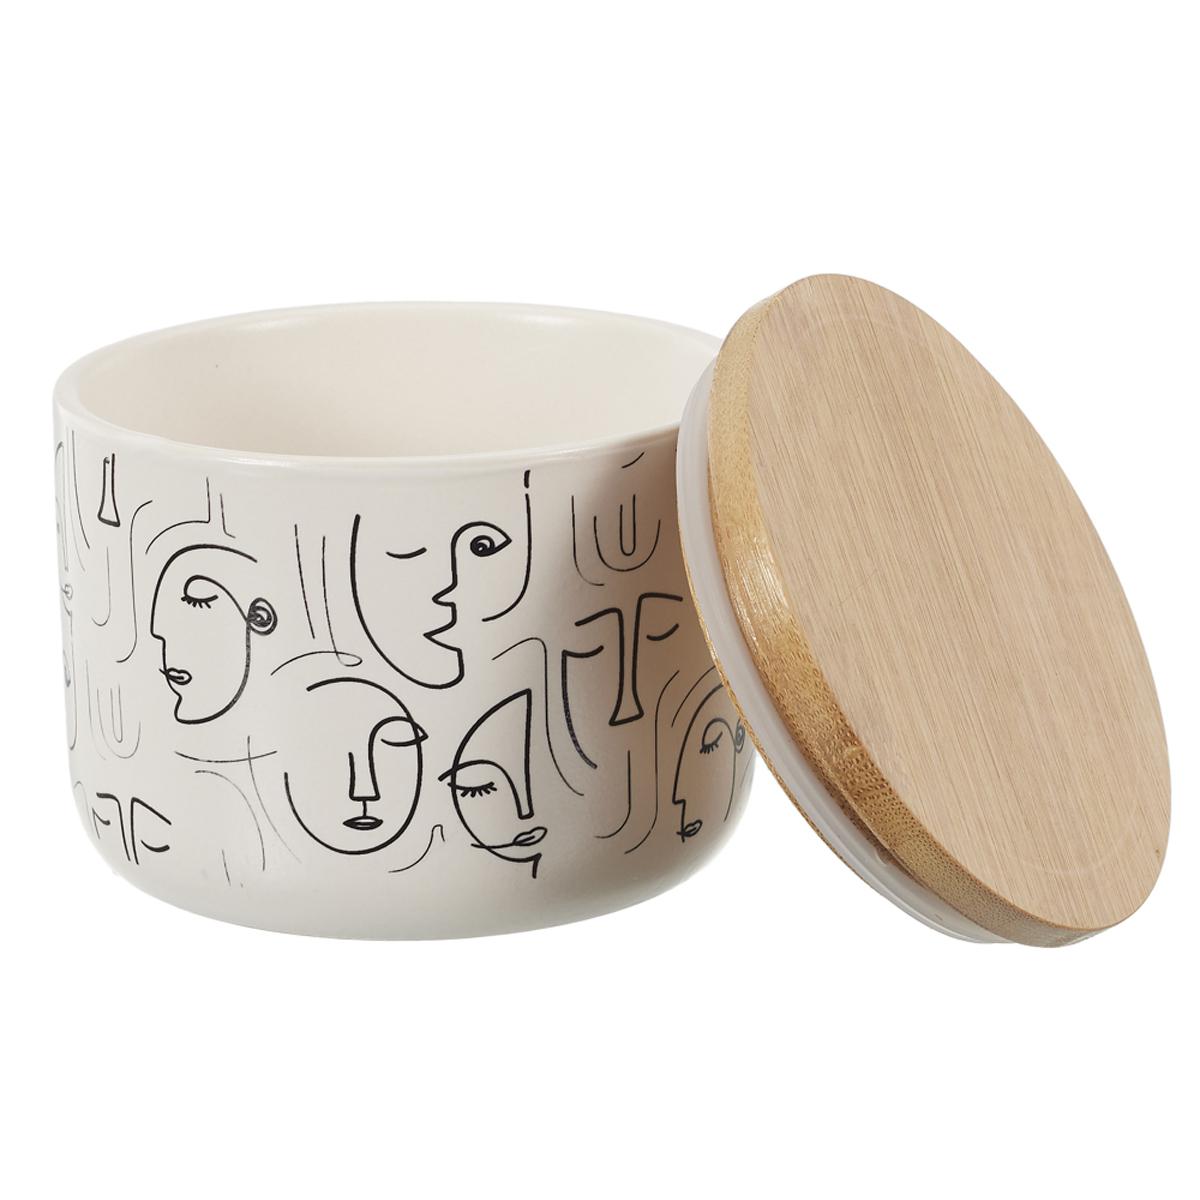 Boite céramique bois \'Arty\' noir blanc - 10x8 cm - [A1459]